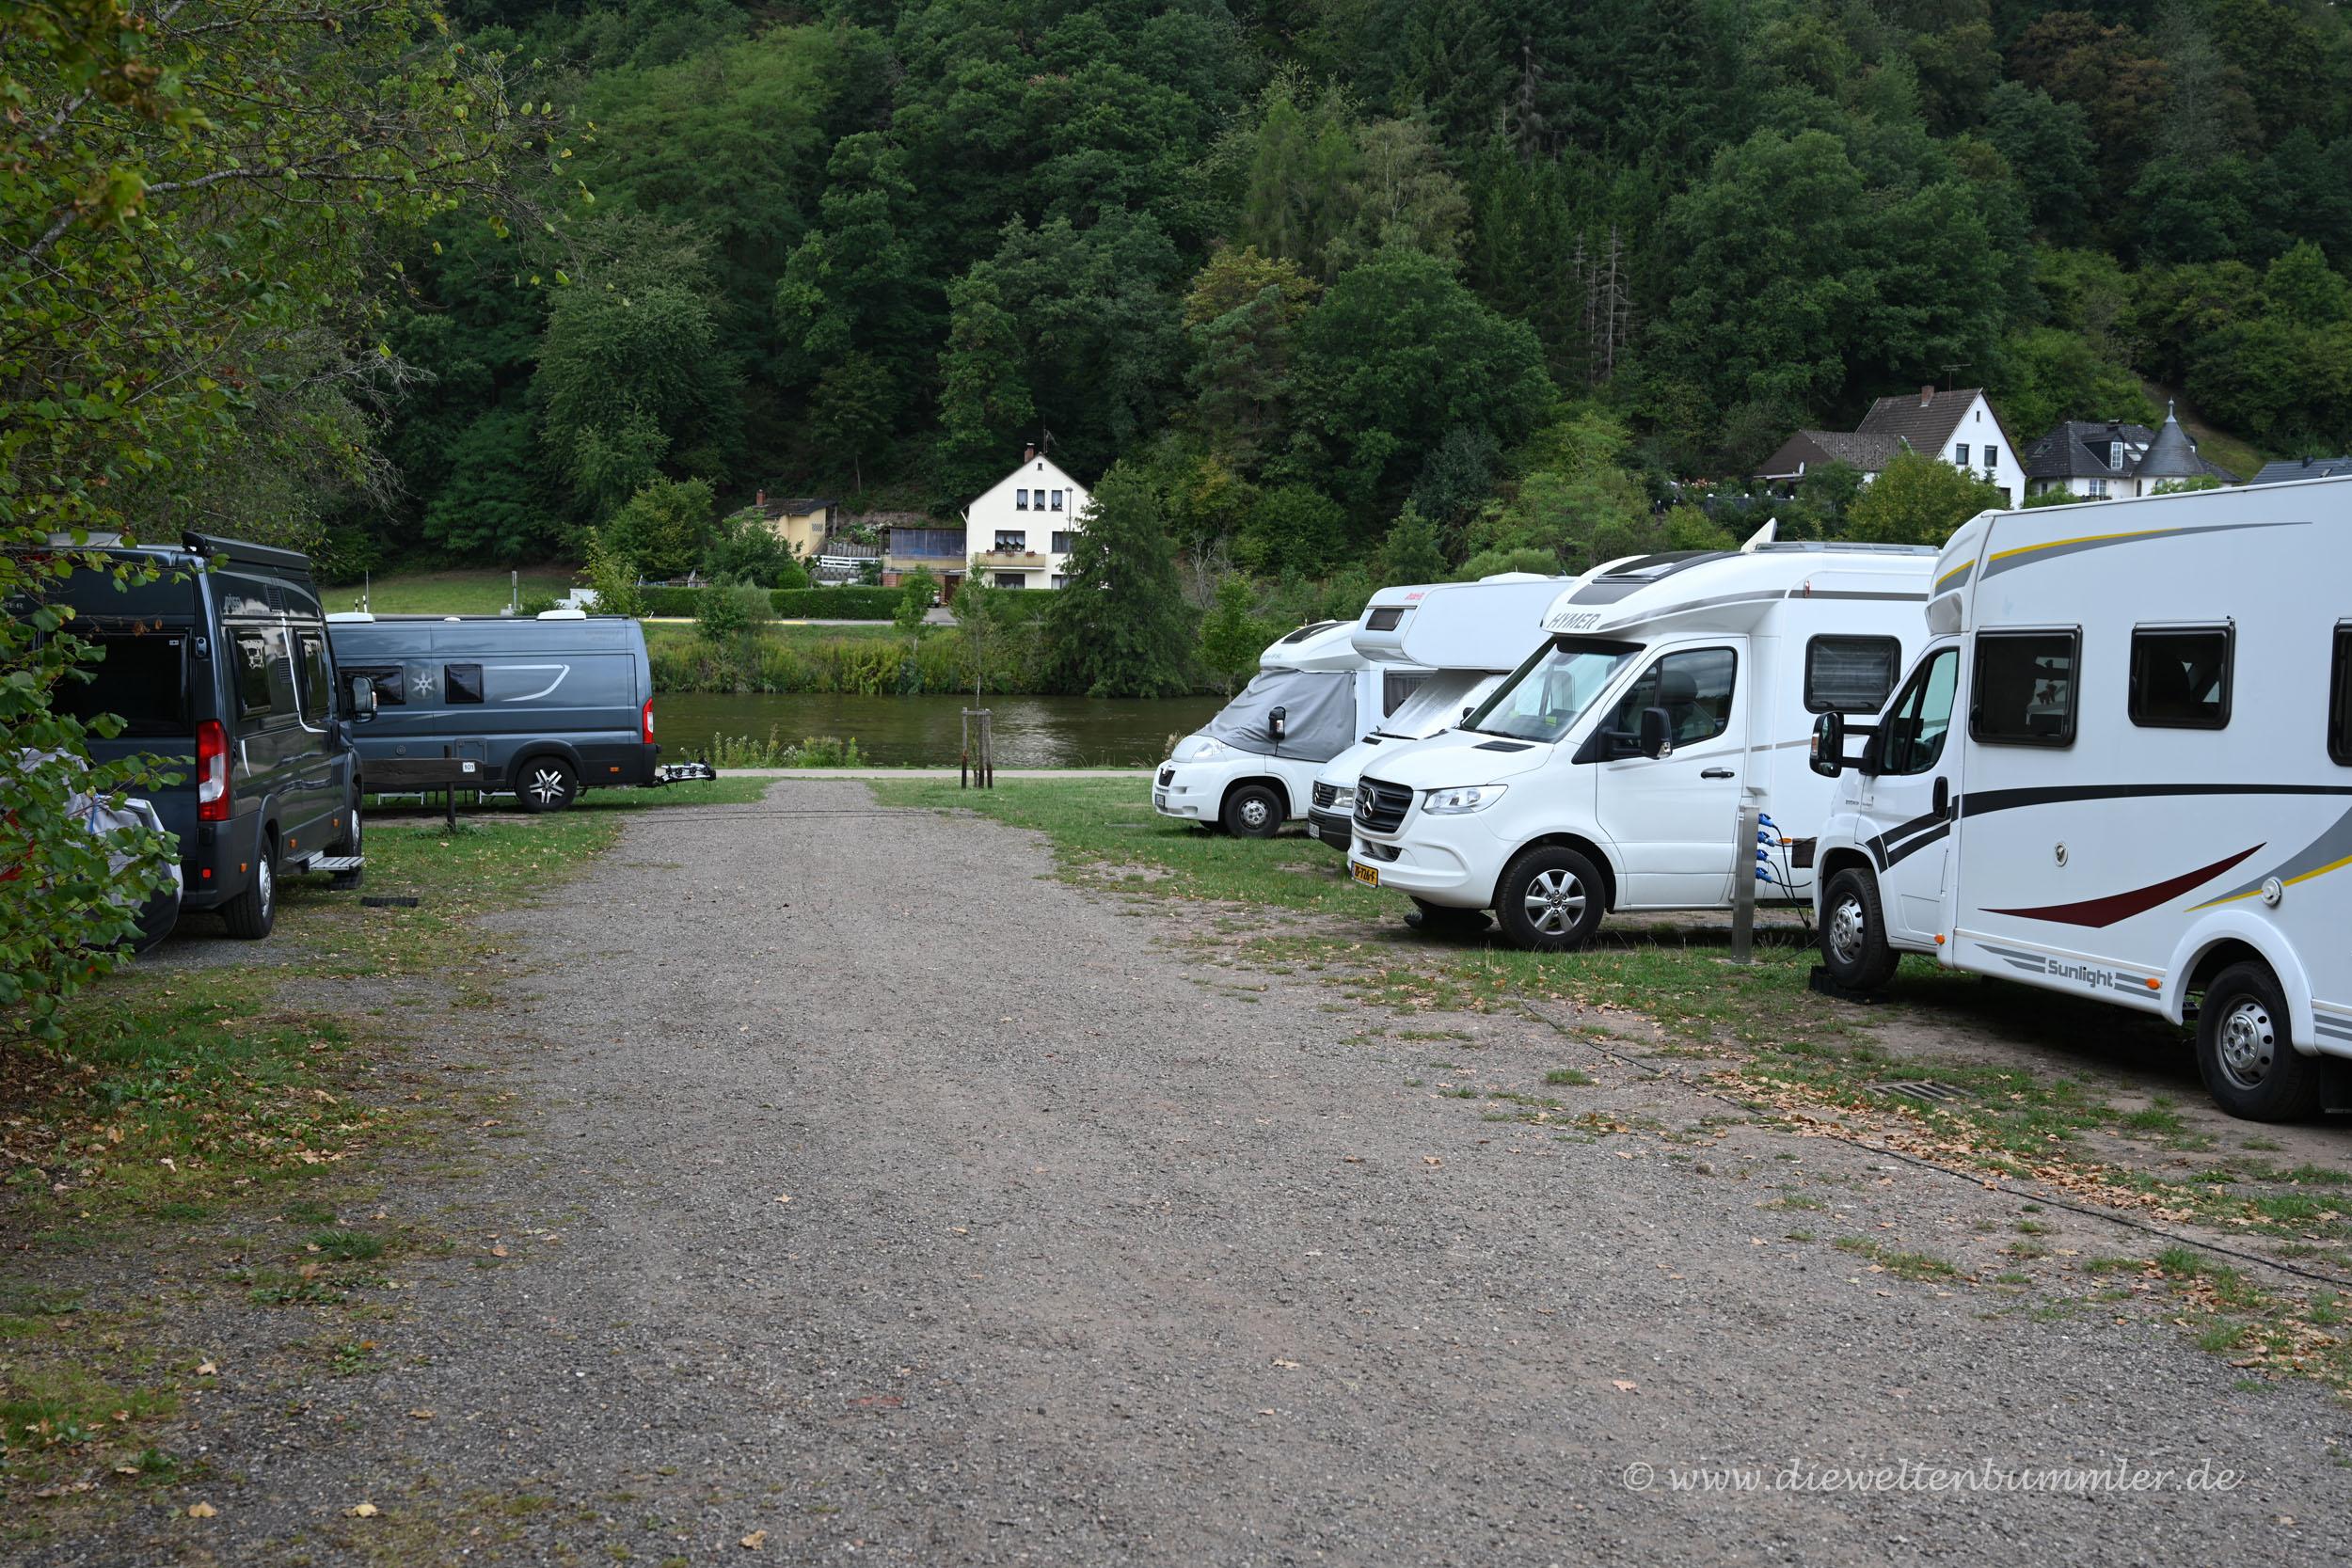 Wohnmobilstellplatz in Saarburg